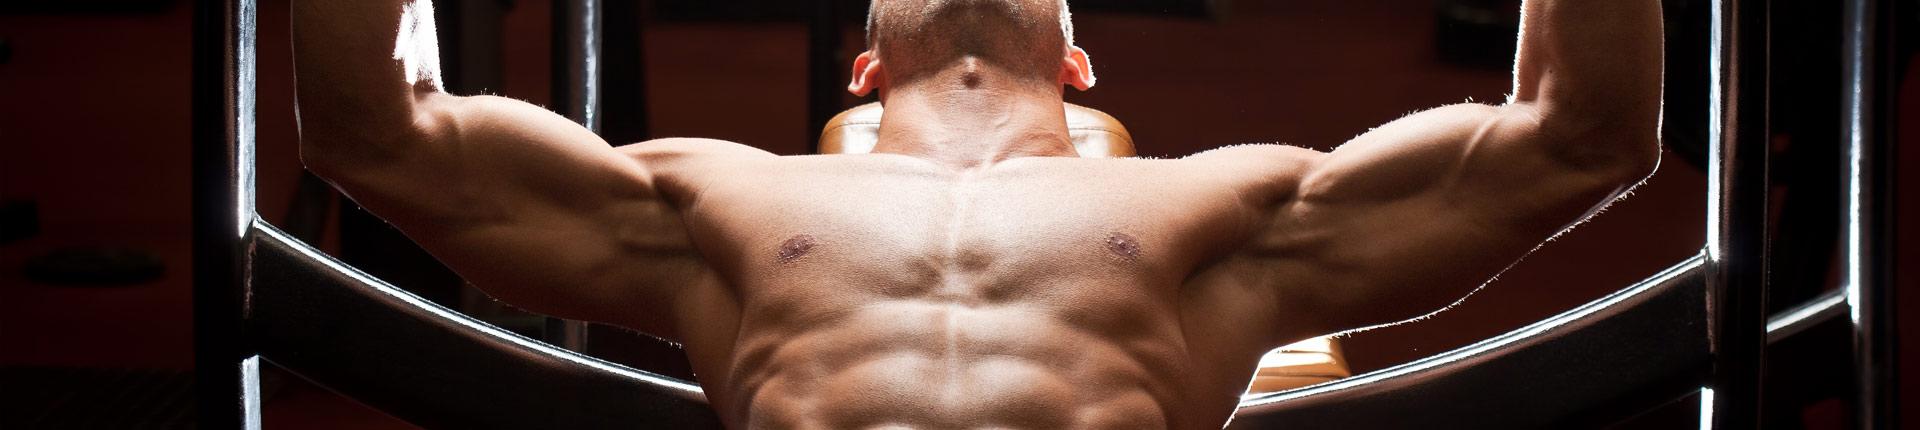 8 wskazówek wspomagających rozwój górnej części klatki piersiowej. Przykładowy plan treningowy